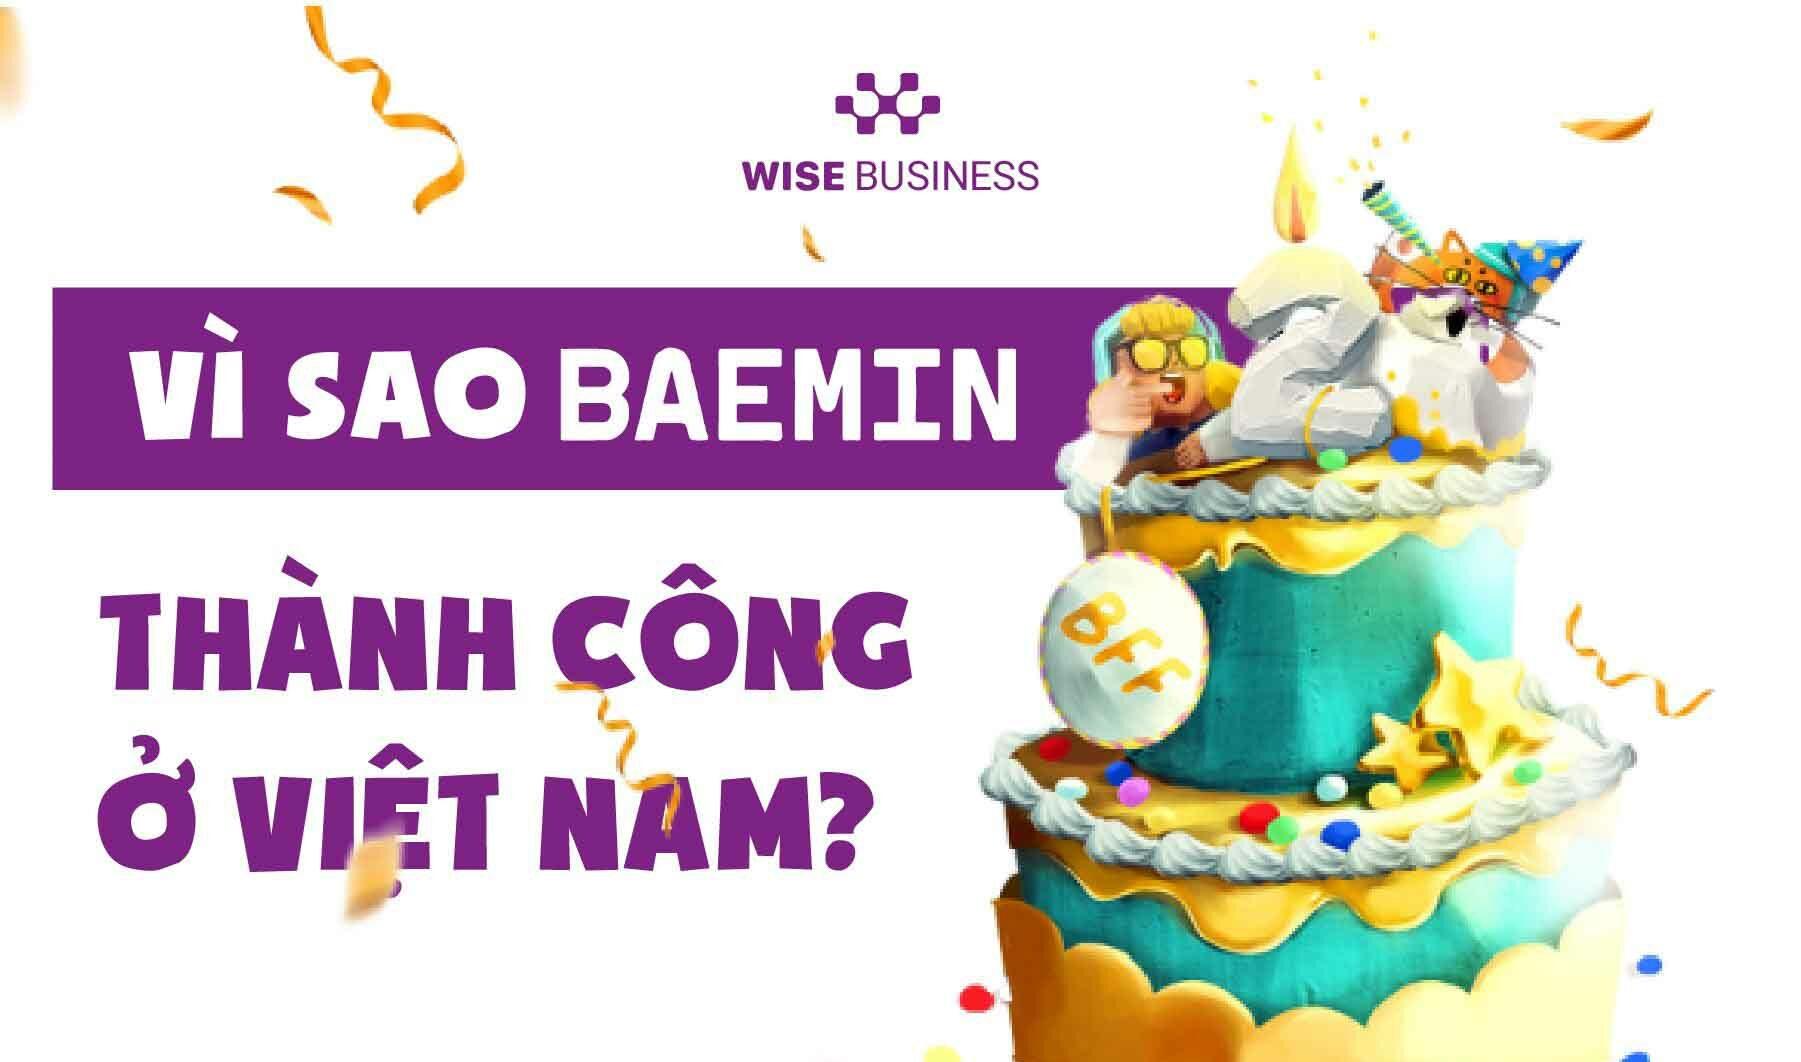 vi-sao-baemin-thanh-cong-o-viet-nam